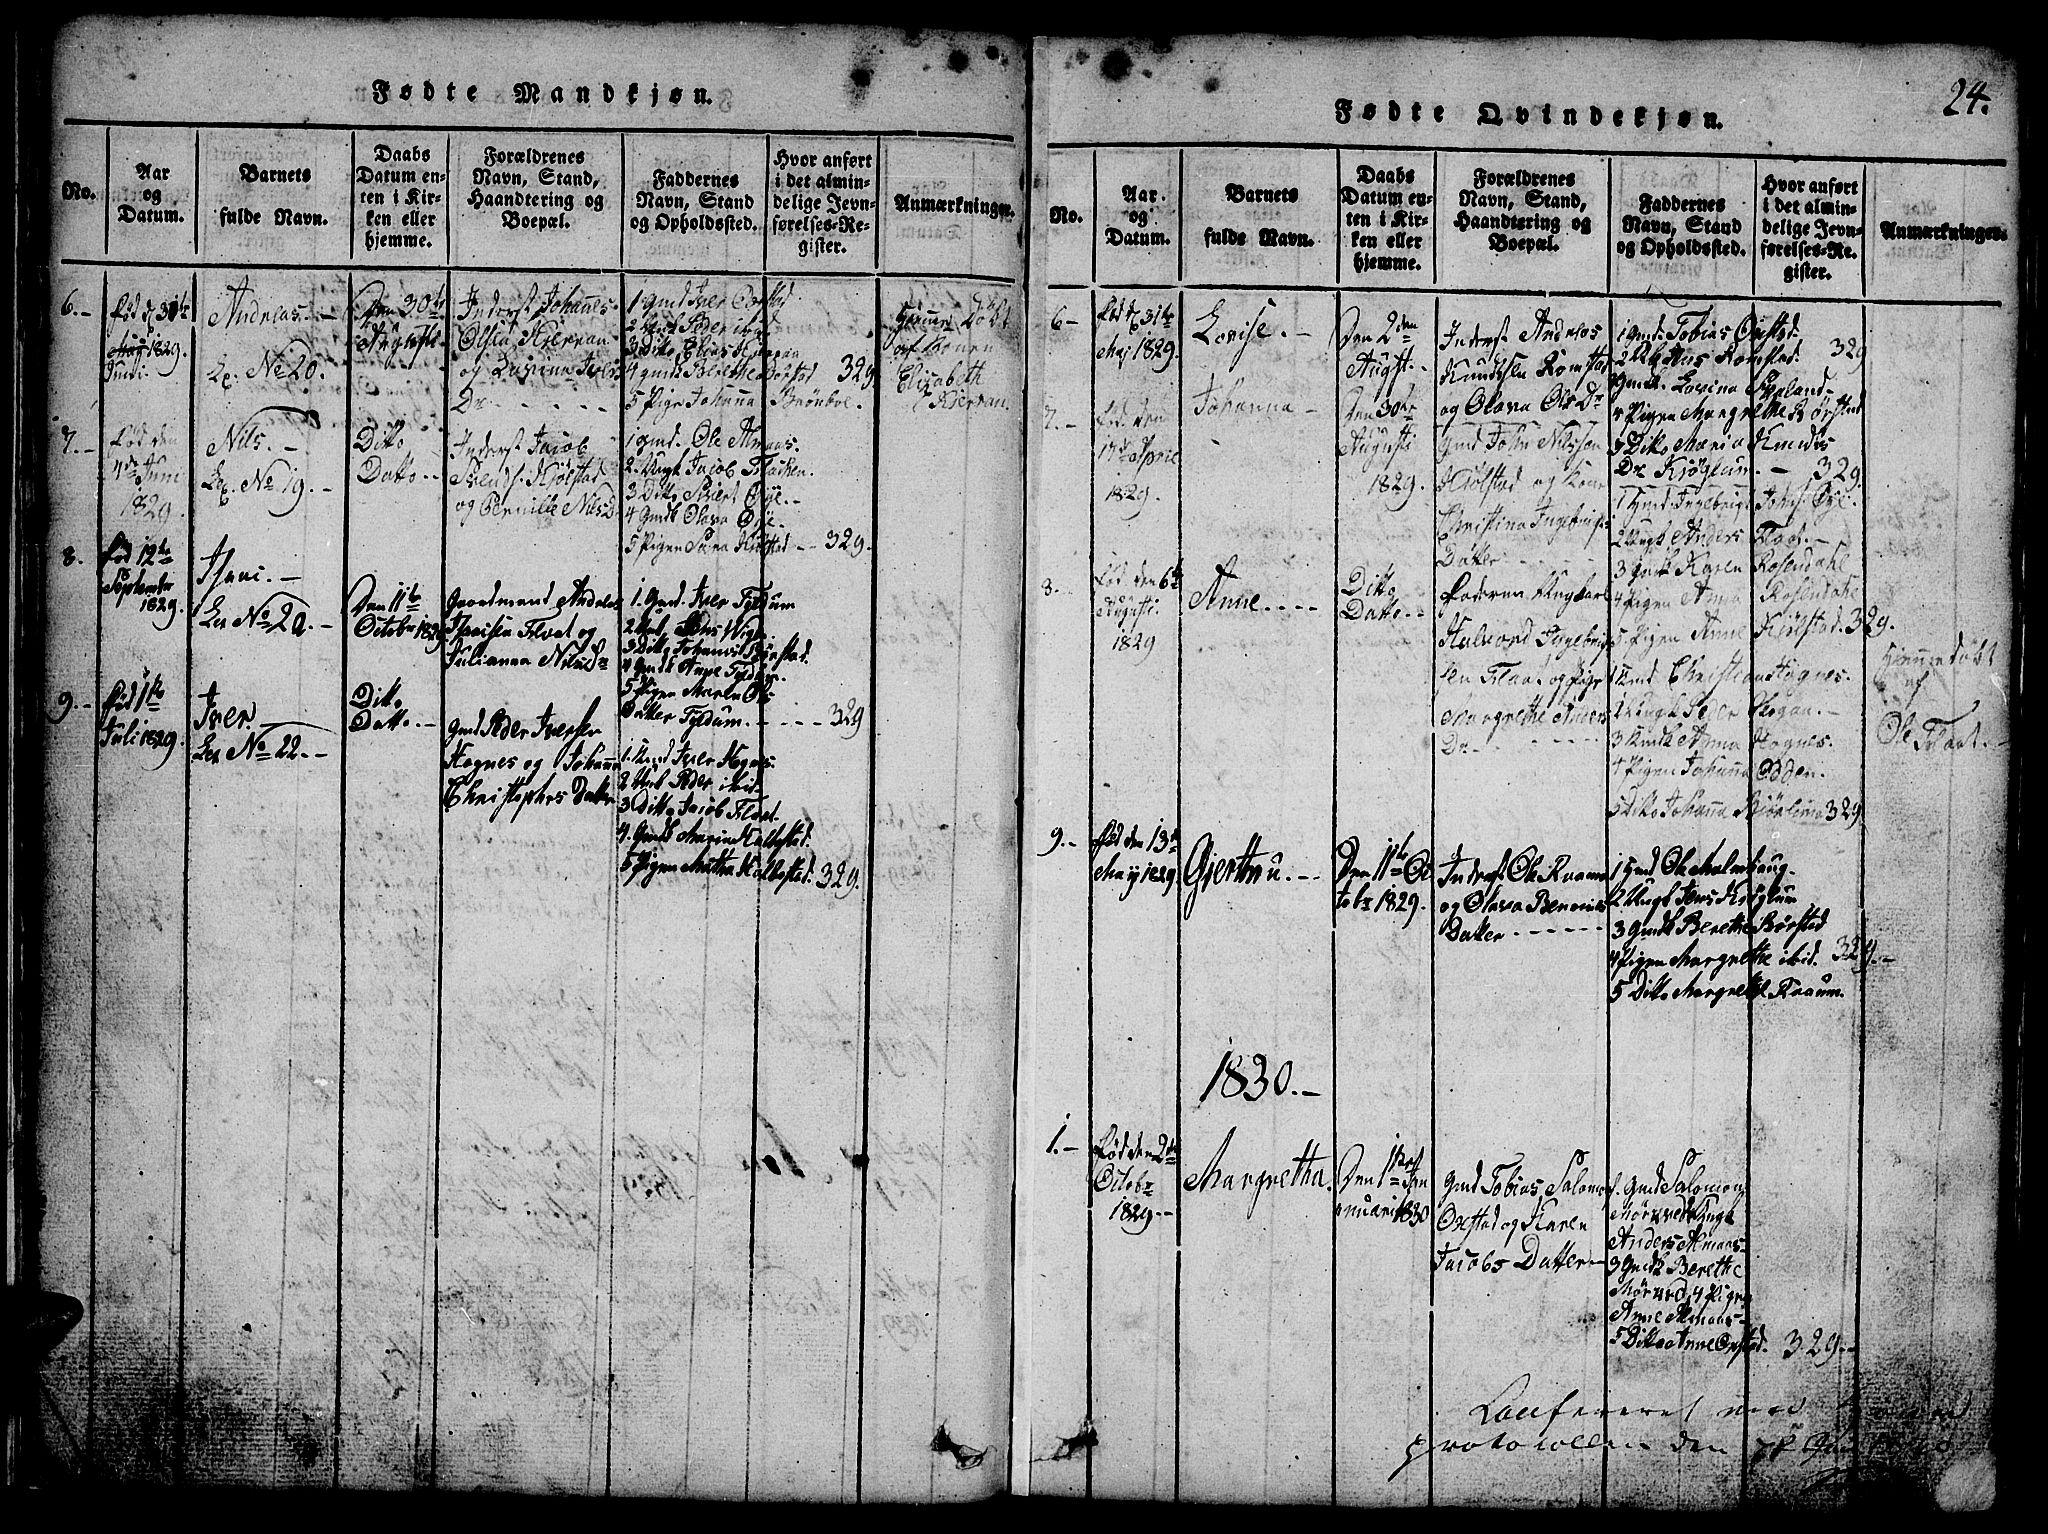 SAT, Ministerialprotokoller, klokkerbøker og fødselsregistre - Nord-Trøndelag, 765/L0562: Klokkerbok nr. 765C01, 1817-1851, s. 24